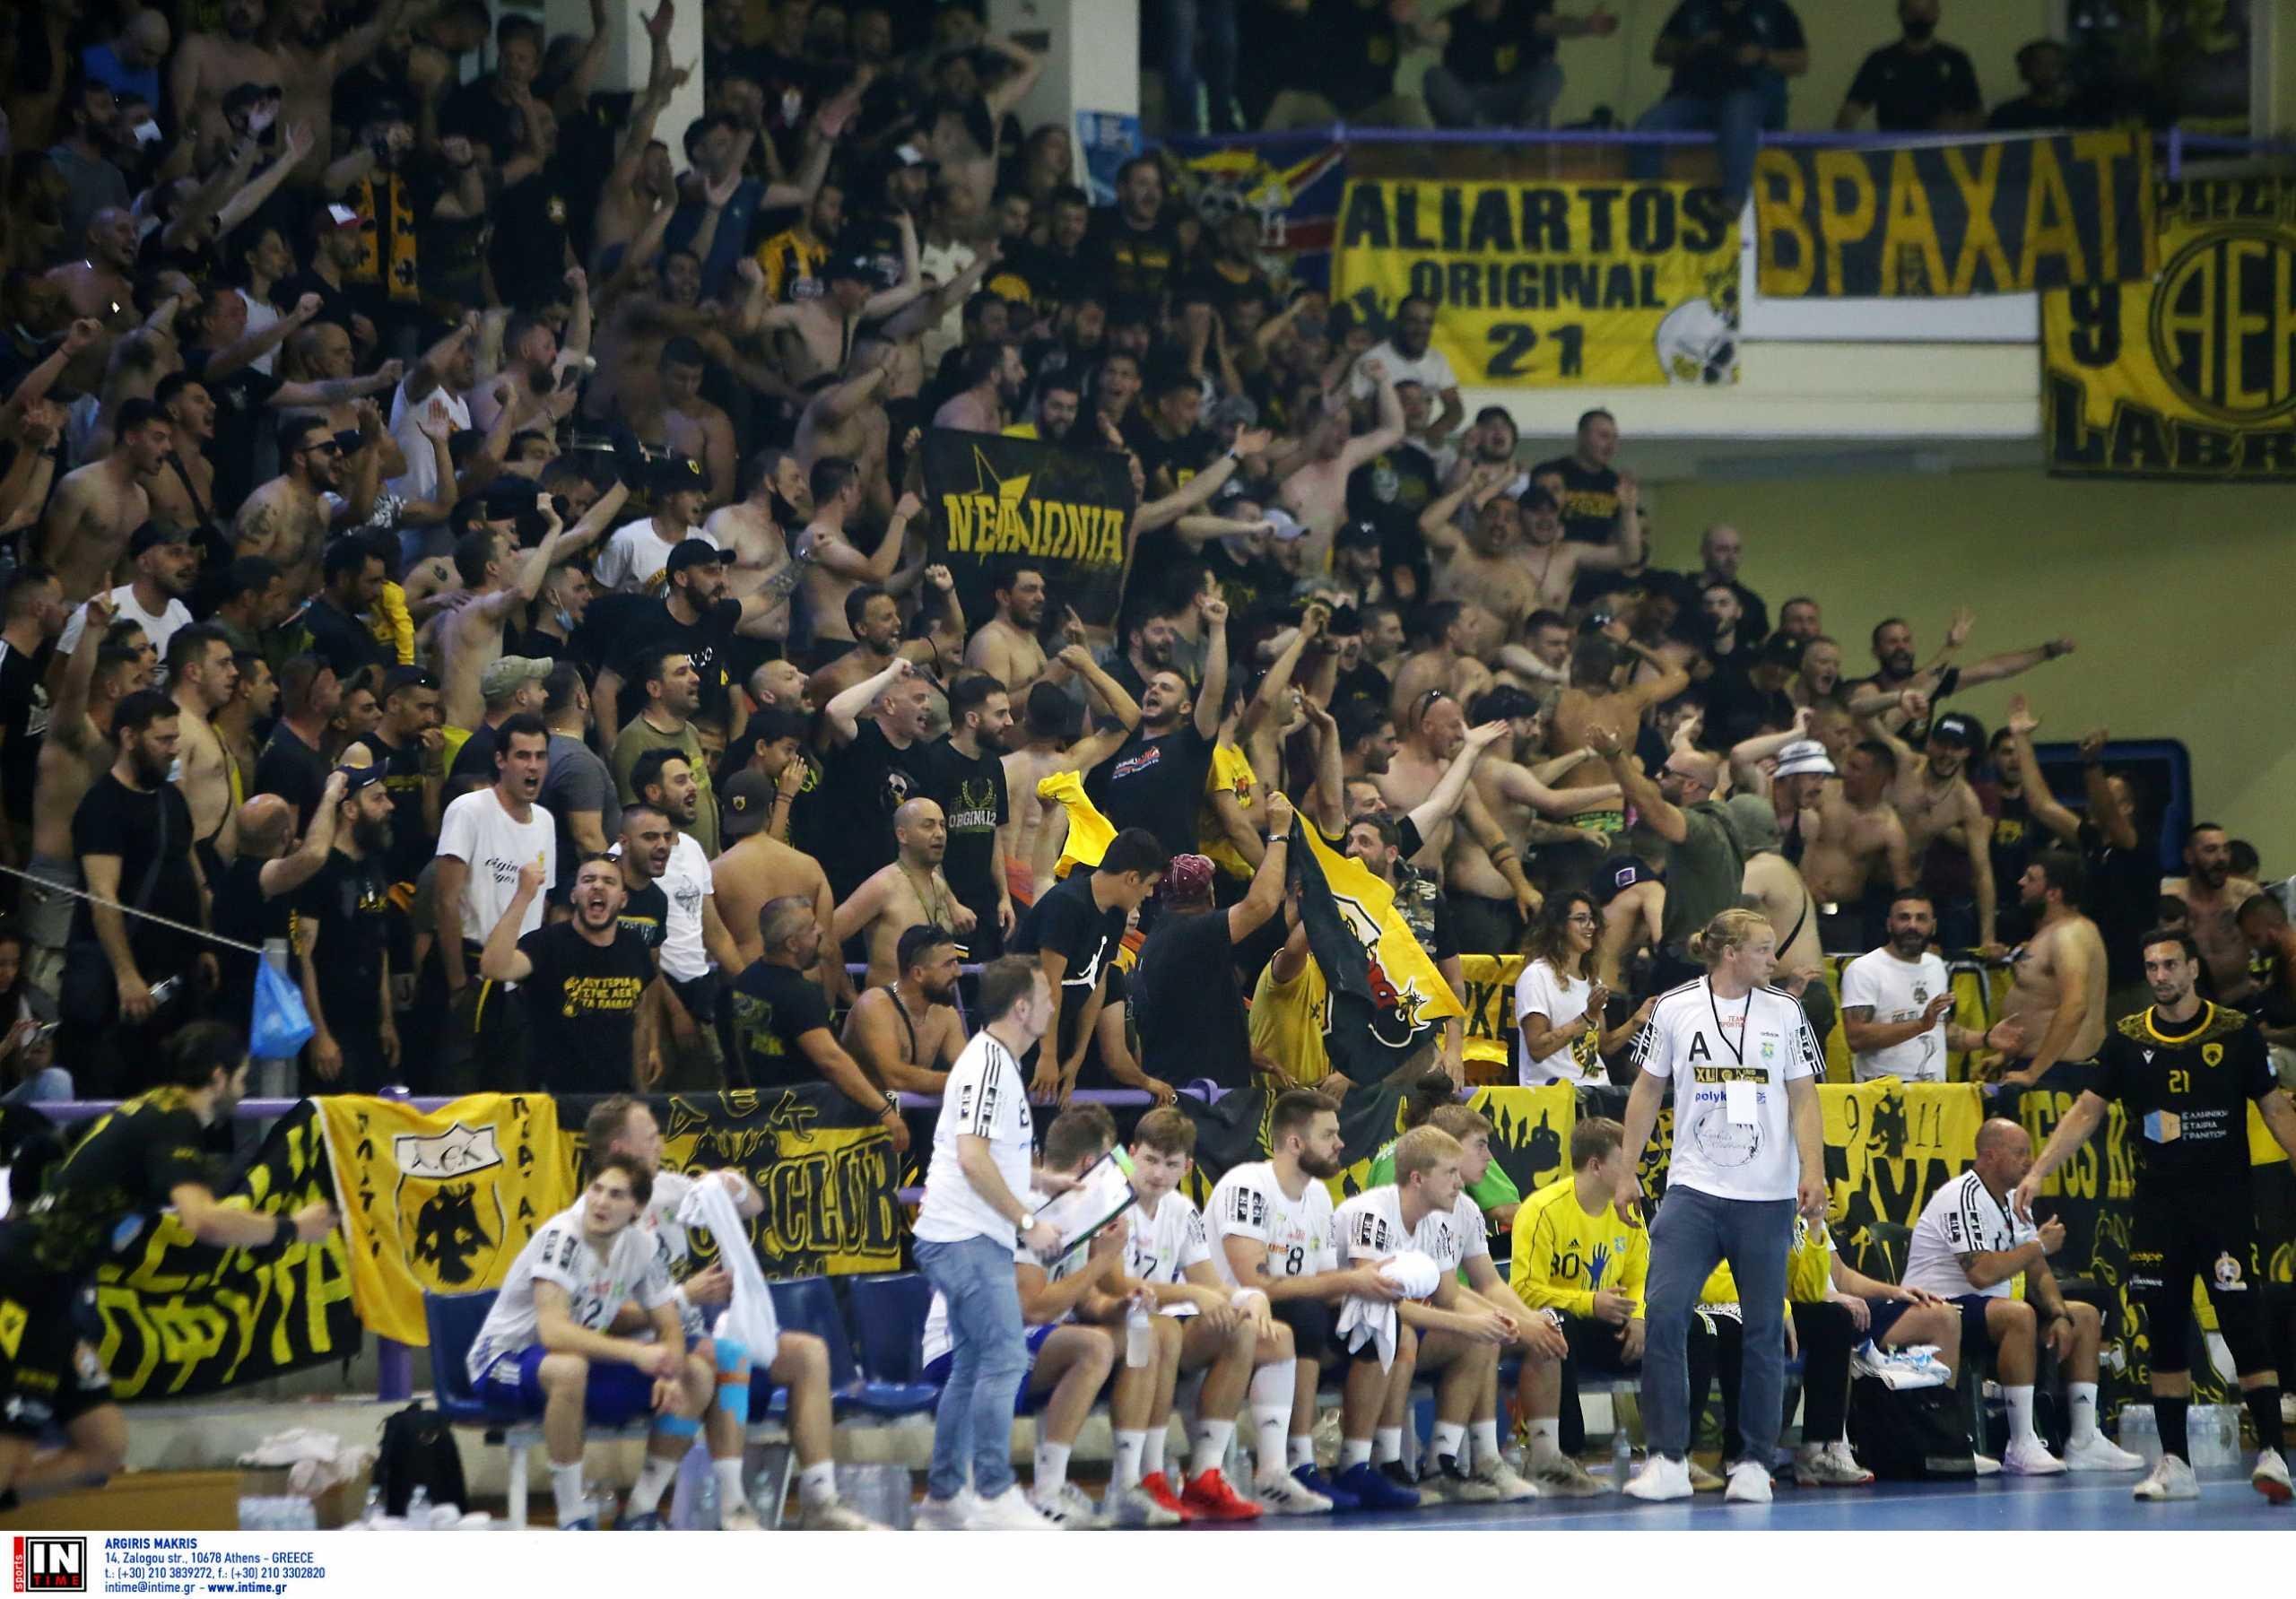 Αυγενάκης για τον κόσμο στον τελικό της ΑΕΚ: «Τέτοιες εικόνες δεν είναι αποδεκτές και επισύρουν συνέπειες»